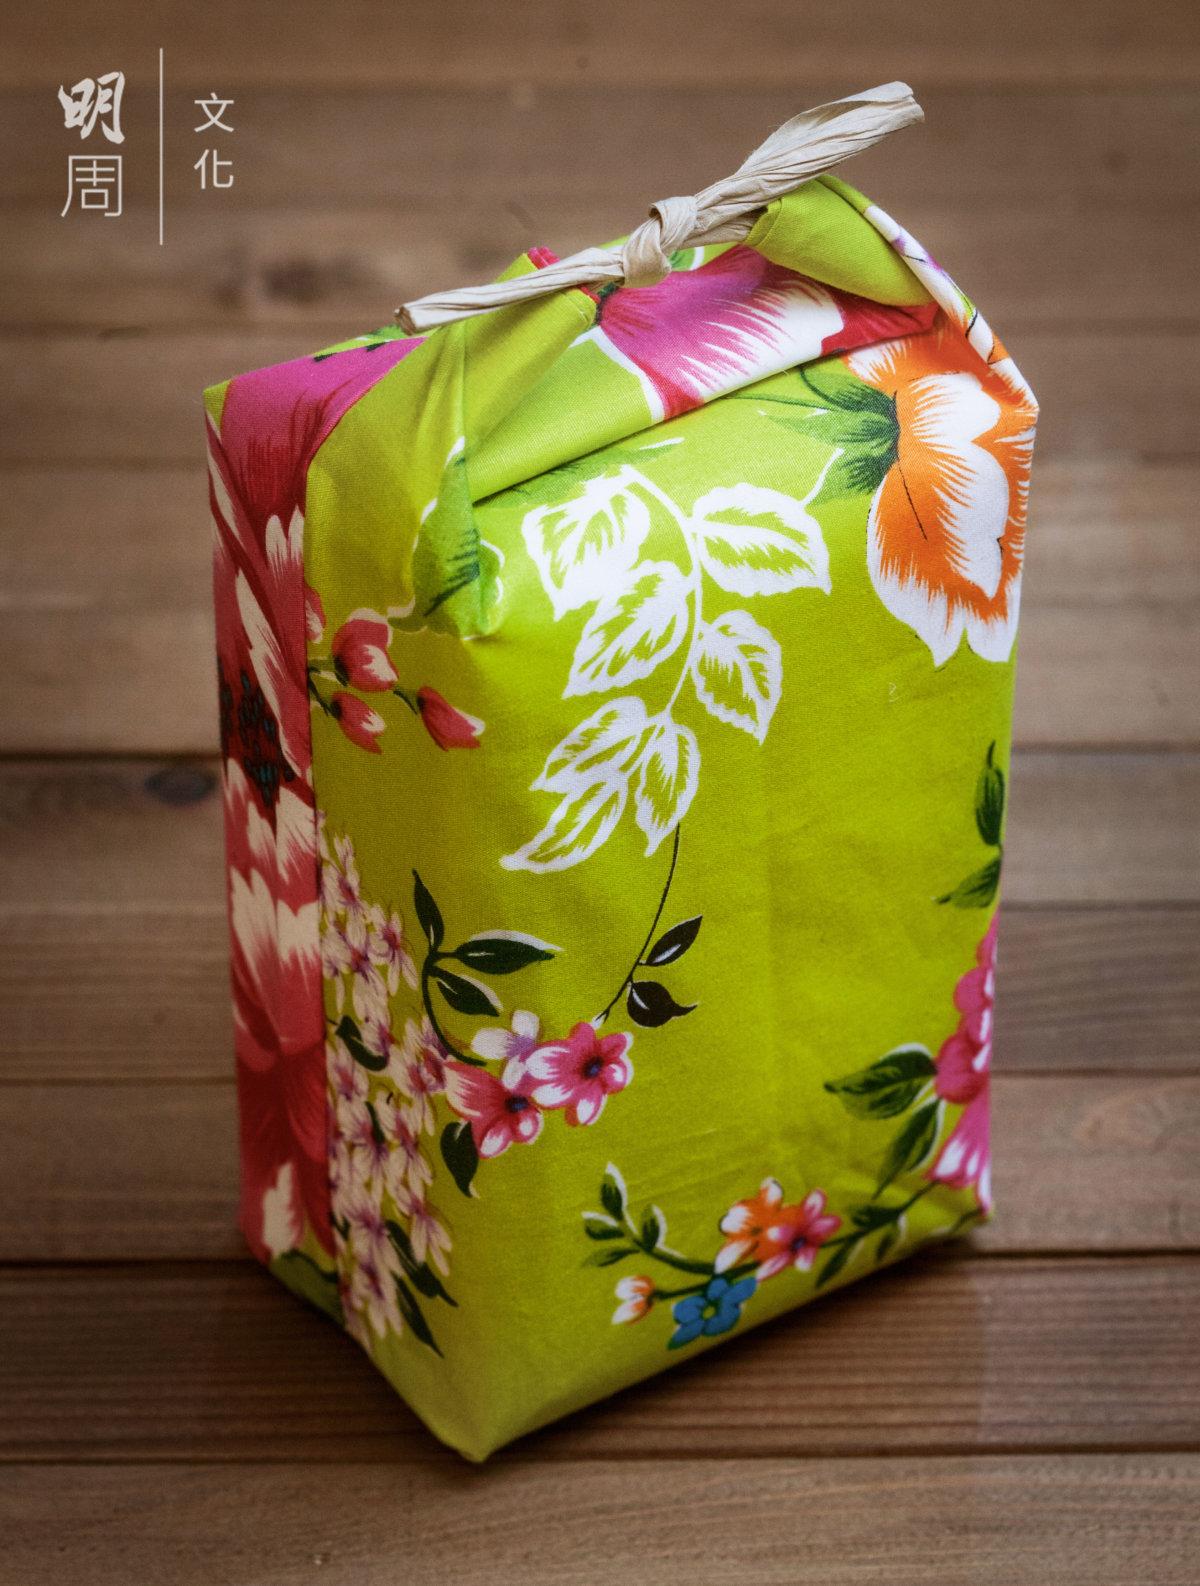 花布包裝配合手繪台灣家常菜食譜, 讓一包米飯增添更多趣味與滋味。